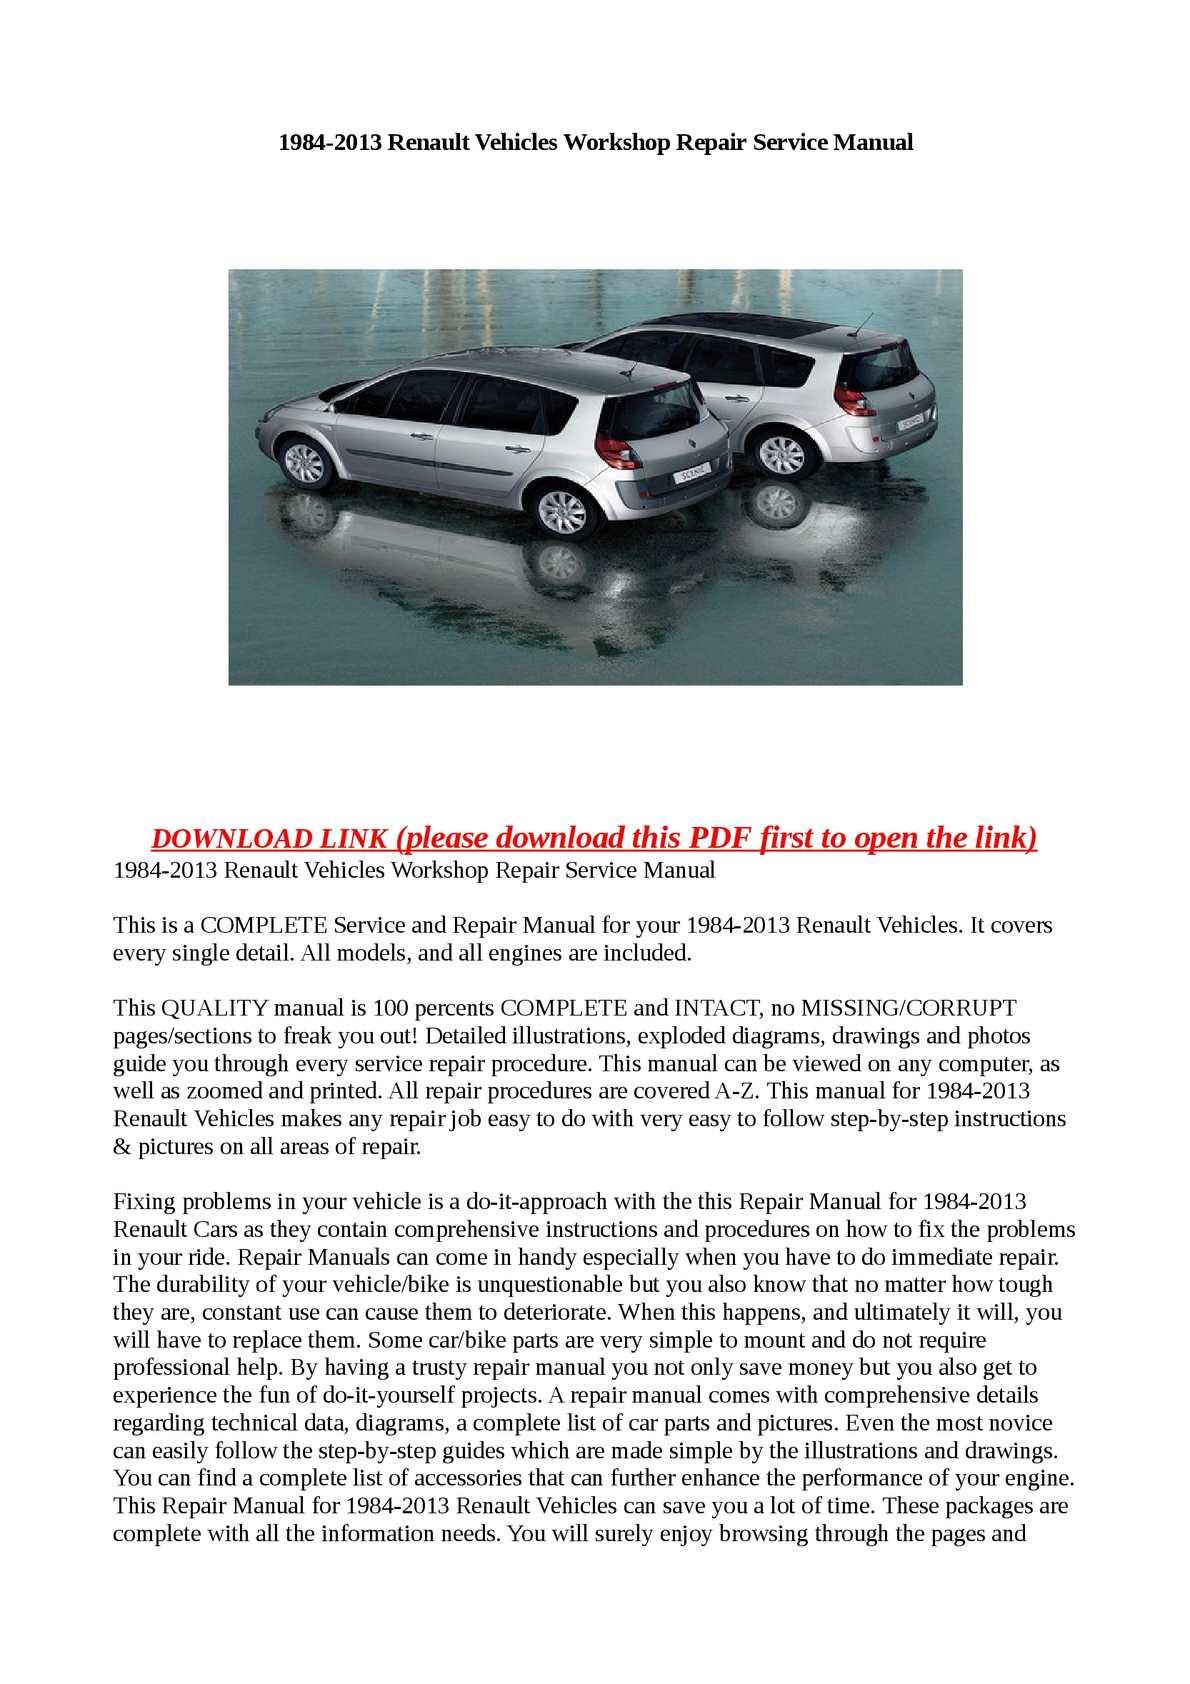 Calamo 1984 2013 Renault Vehicles Workshop Repair Service Manual Transmission Diagrams